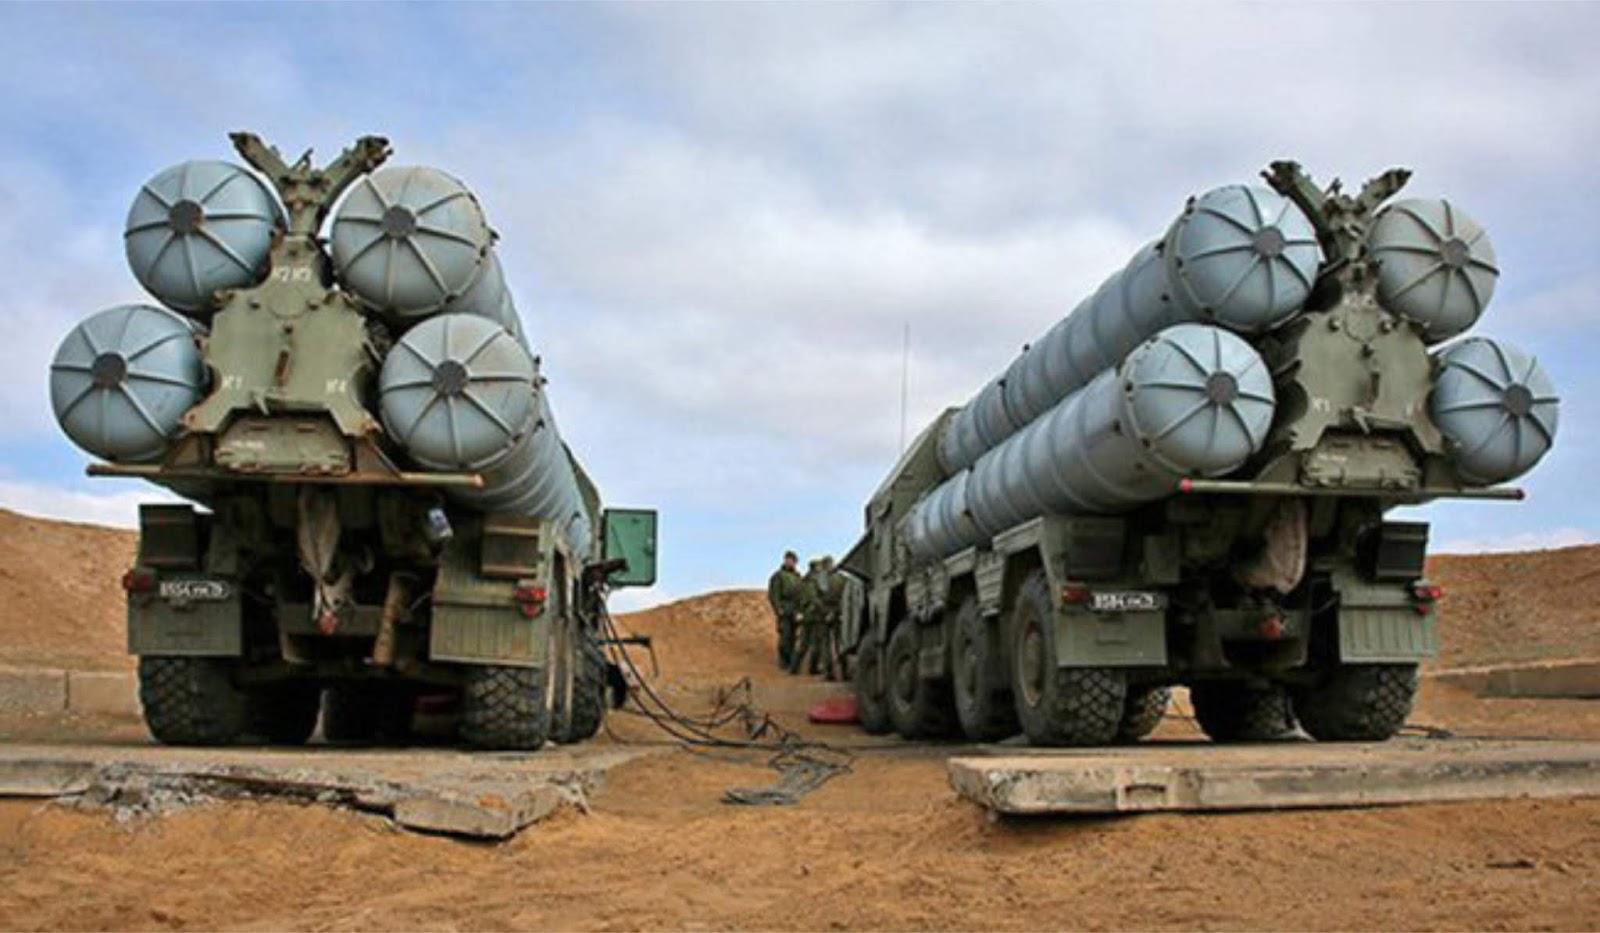 Mantan Komandan NATO di Eropa: Riyadh akan membeli senjata dari Rusia, jika